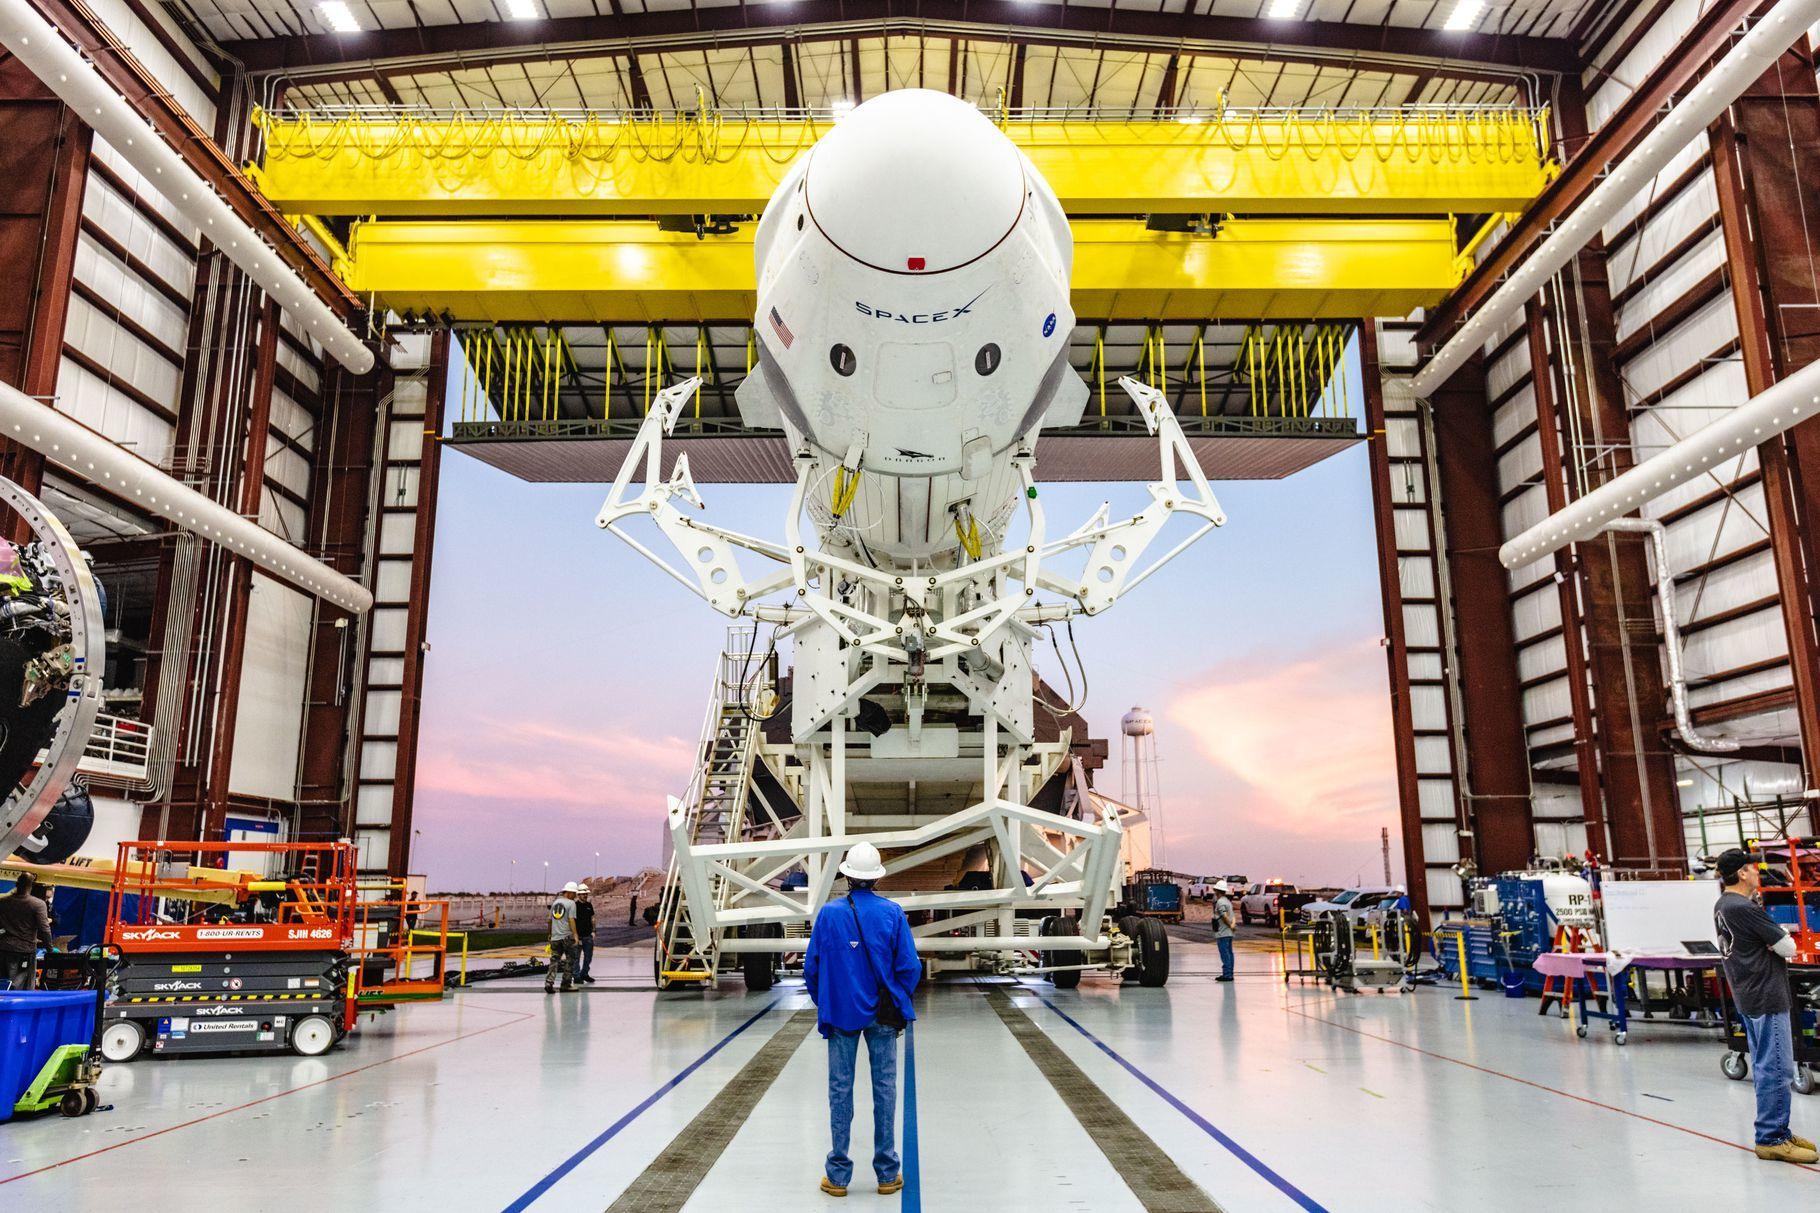 SpaceX查明载人龙飞船爆炸原因:阀门故障导致飞船推进剂泄漏